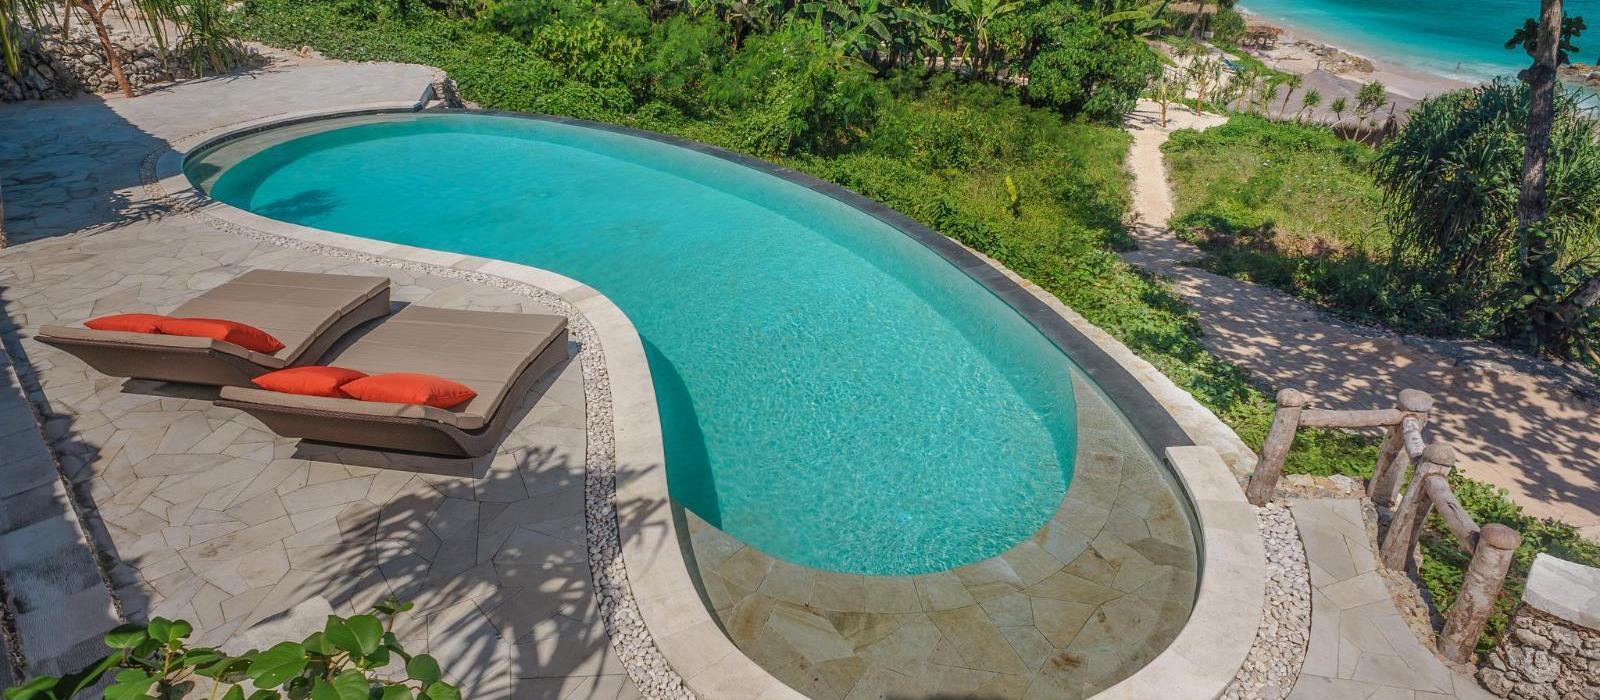 松巴尼西度假酒店(Nihi Sumba) 图片  www.lhw.cn